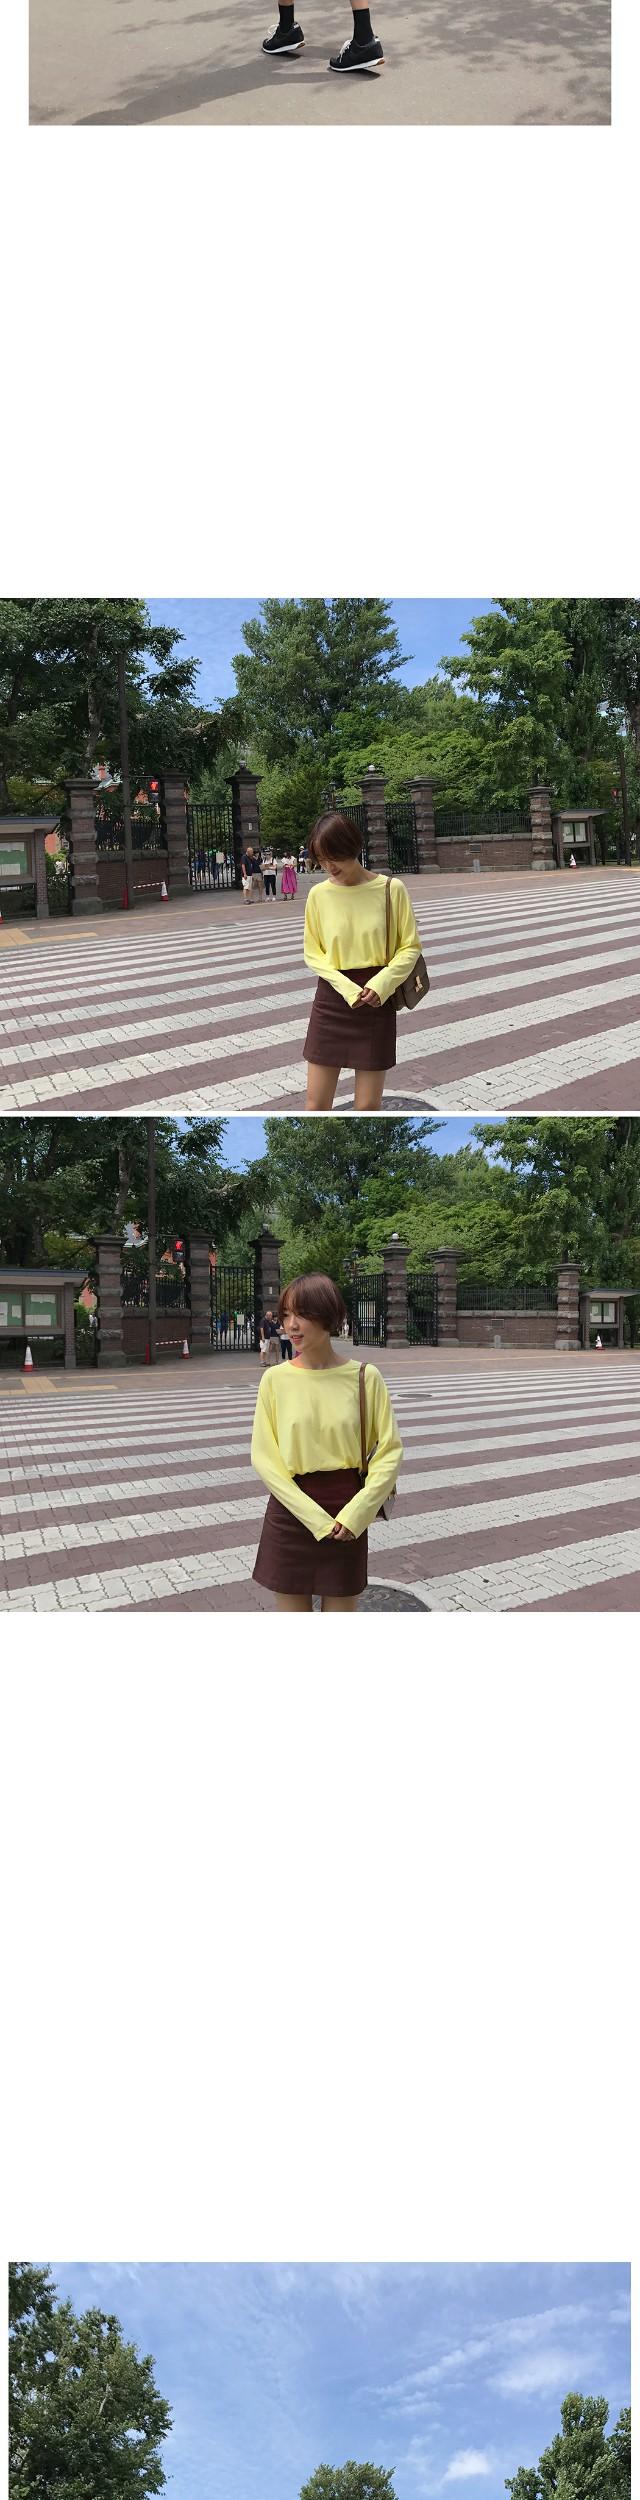 Senior-skirt